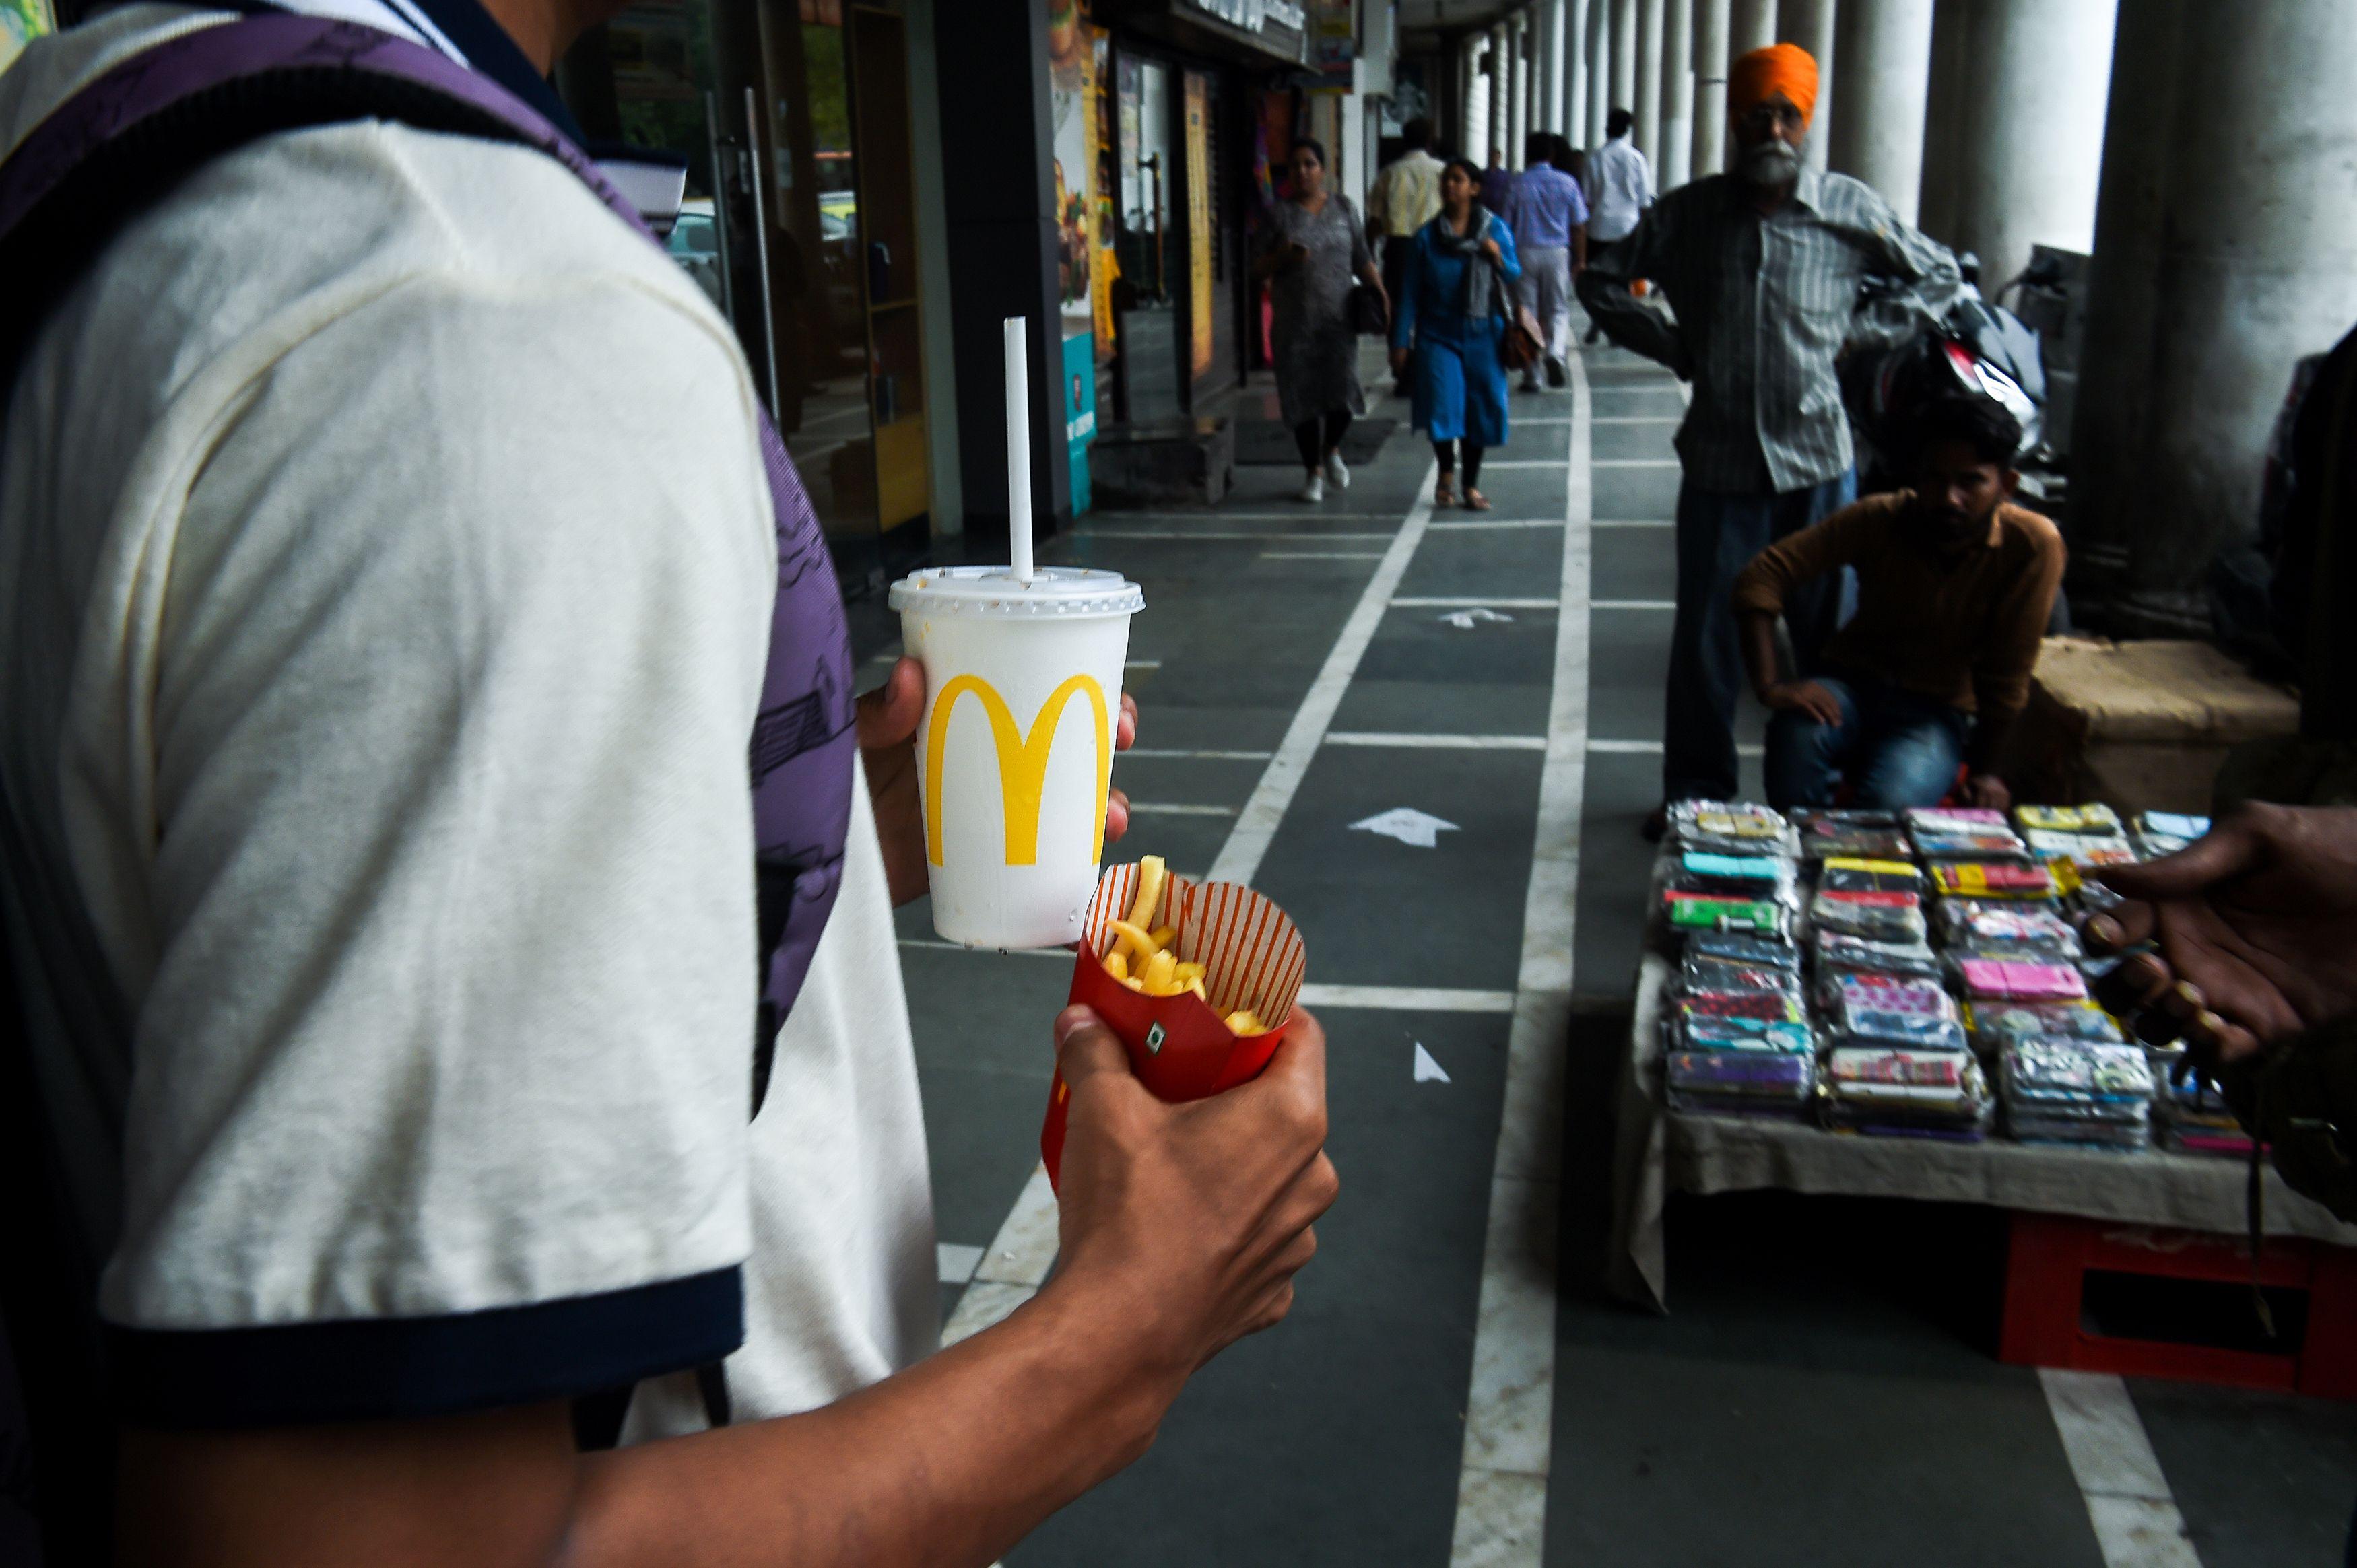 Man carrying a McDonald's meal